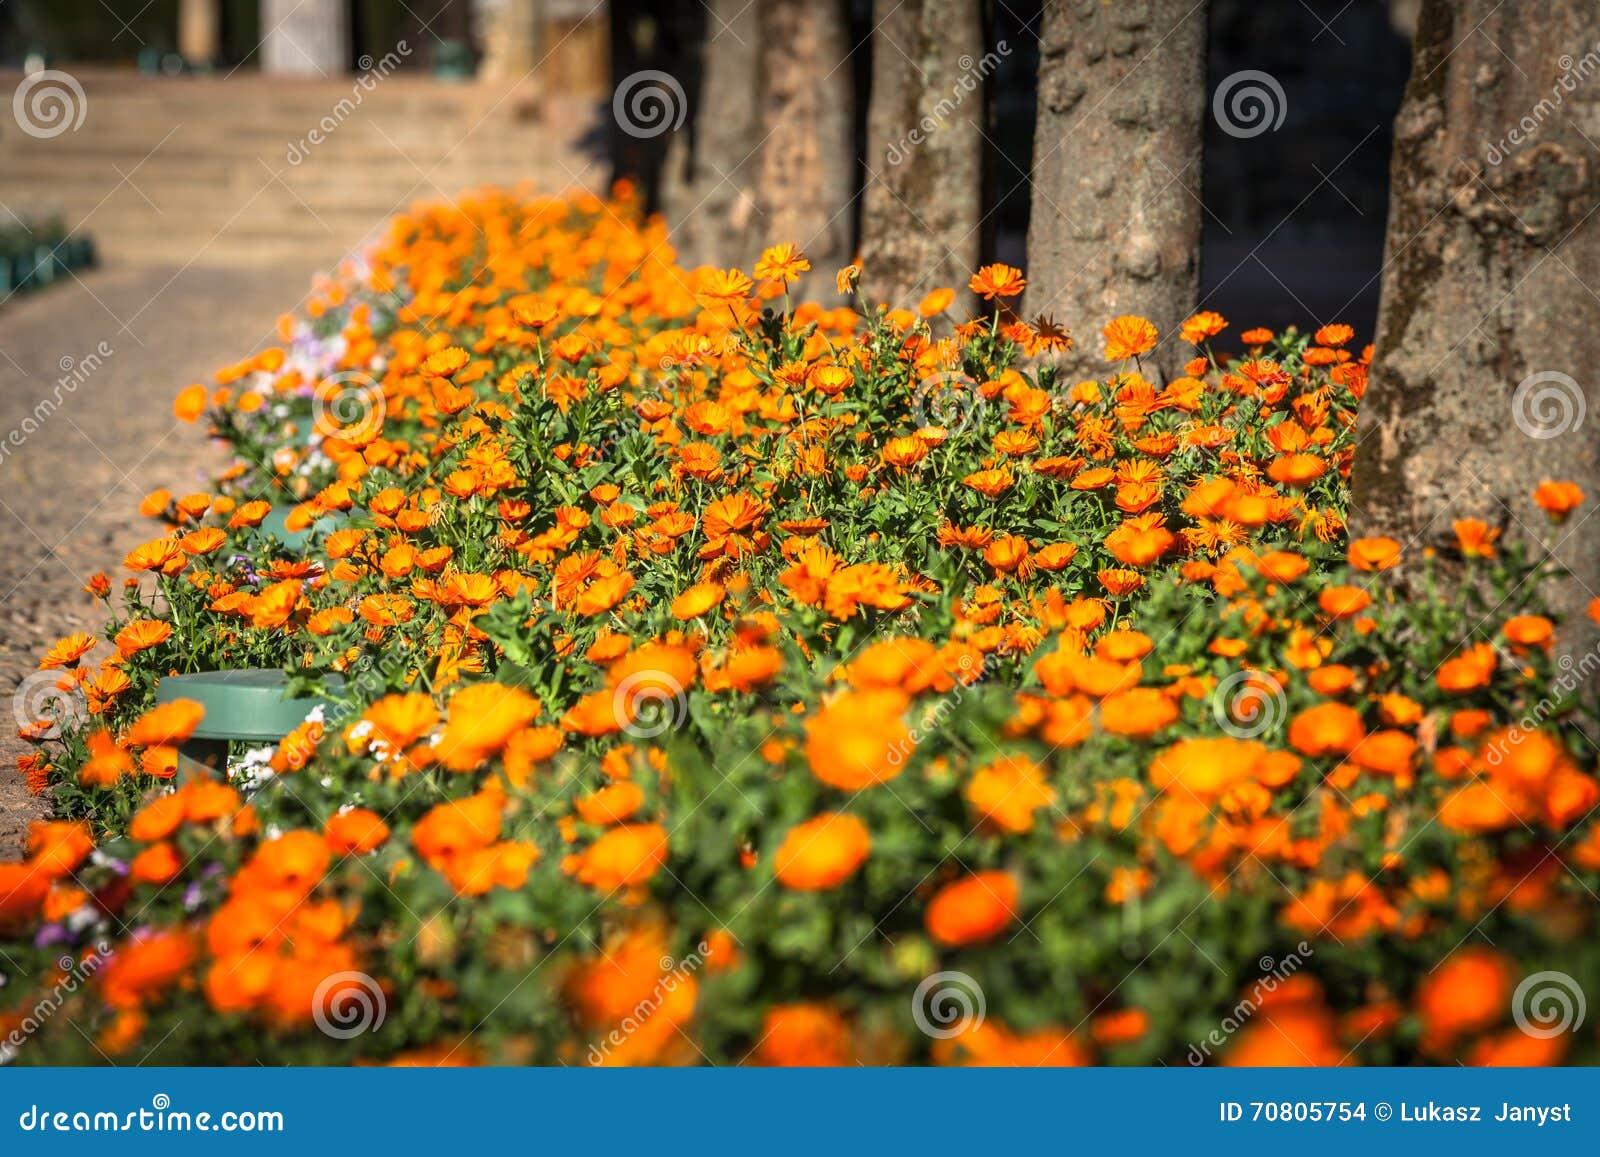 Download Topfpflanzen Und Blumen Auf Den Straßen Von Cordoba, Spanien  Stockfoto   Bild Von Haus